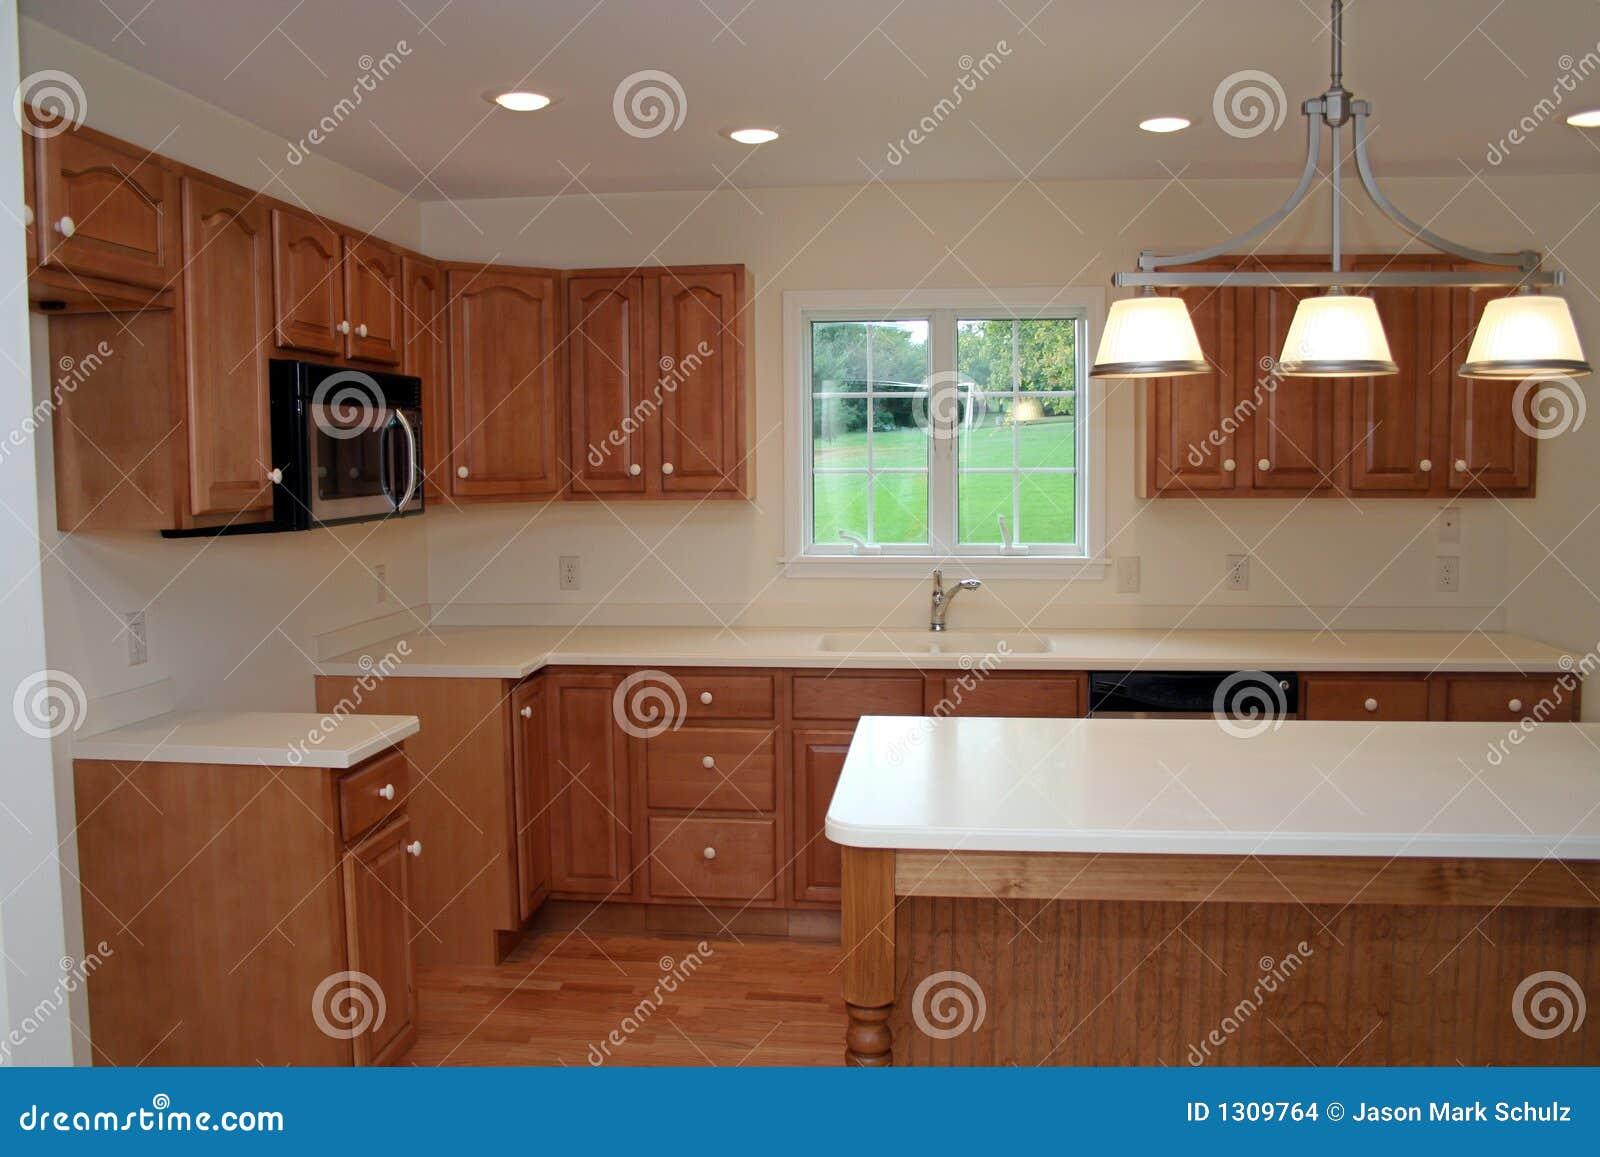 Download Nagelneue Moderne Küche 2 Stockfoto. Bild Von Bewegung   1309764